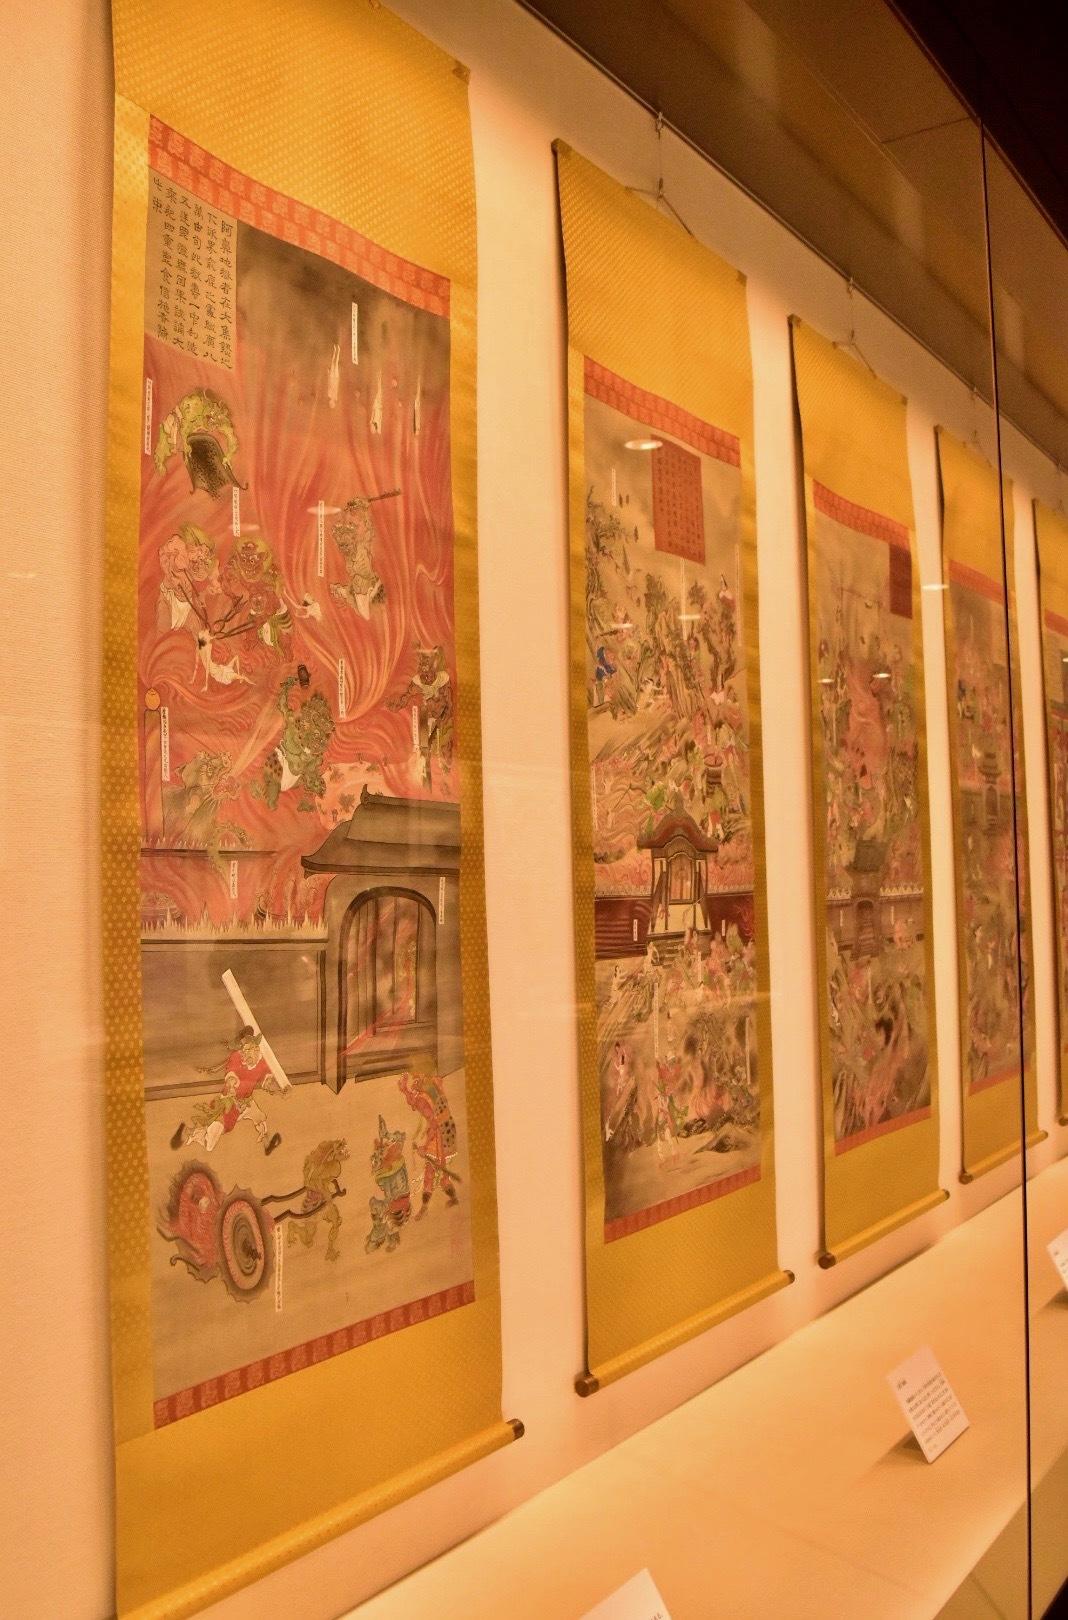 六道絵(文政本)より「阿鼻地獄」 江戸時代・文政六年(1823)滋賀・聖衆来迎寺